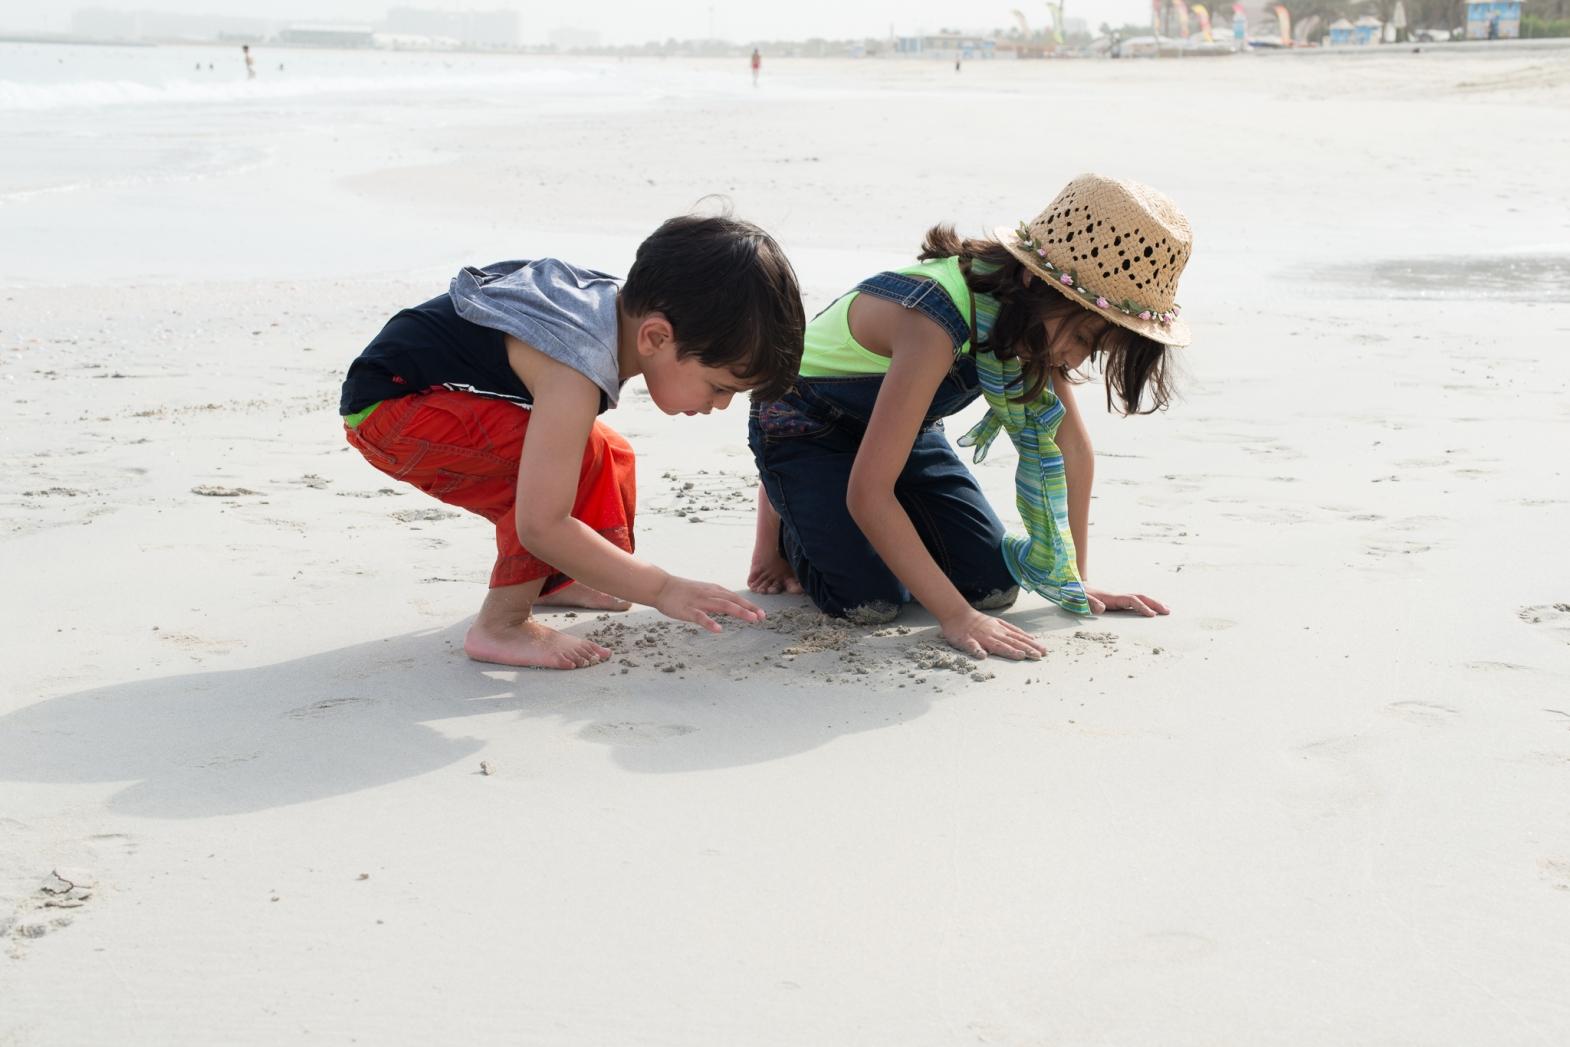 Reisha & Vihaan at at JBR beach